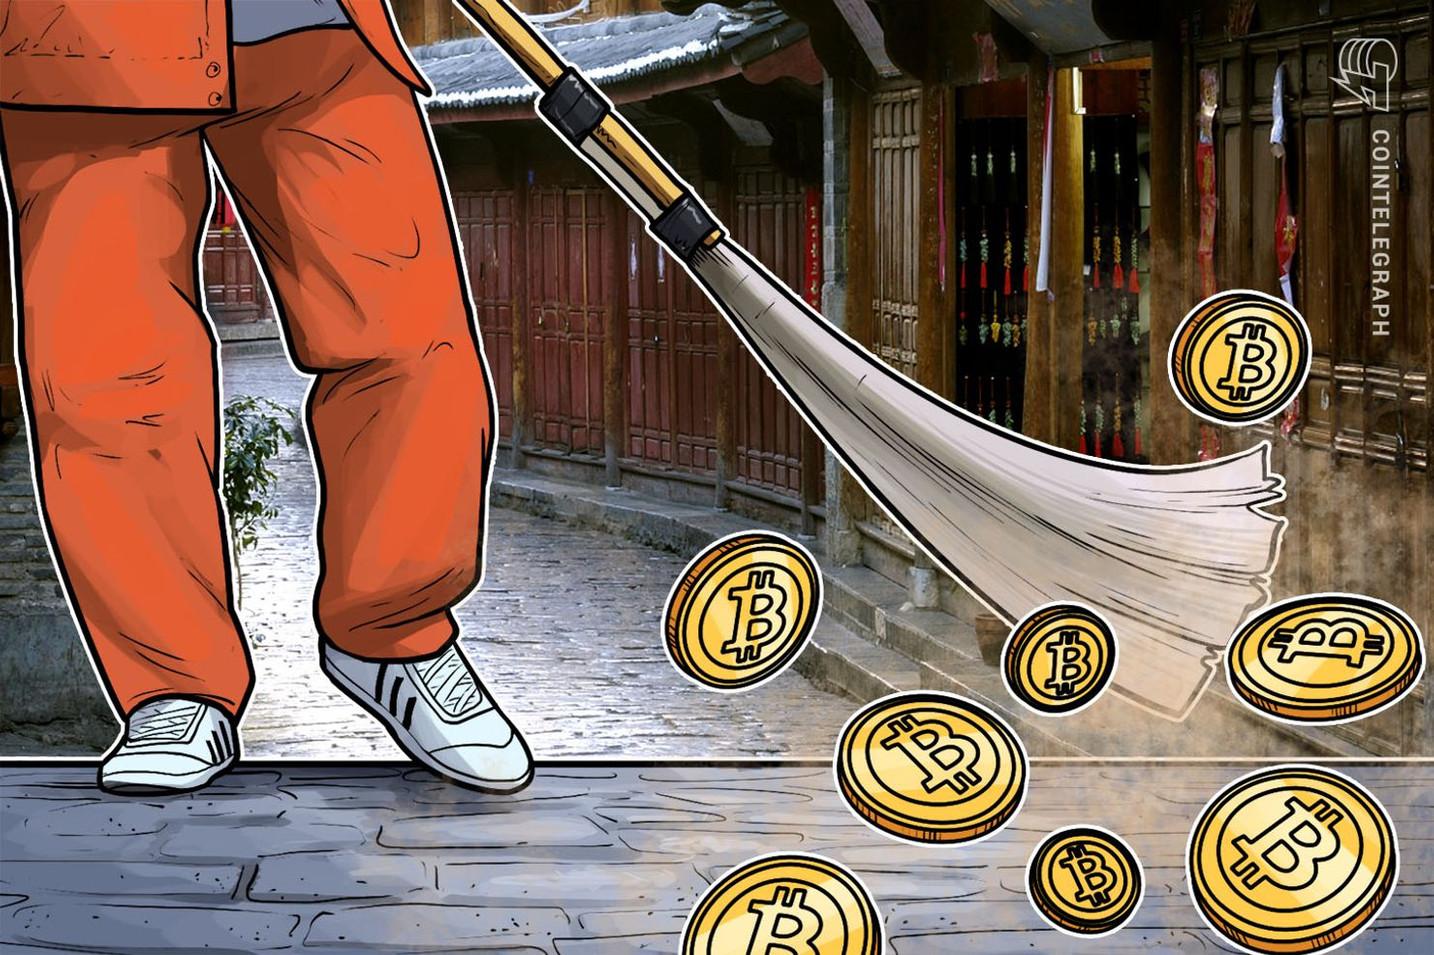 """「中国が仮想通貨マイニング禁止検討」報道 悲観しないで良い理由は?""""FUD""""との見方も"""